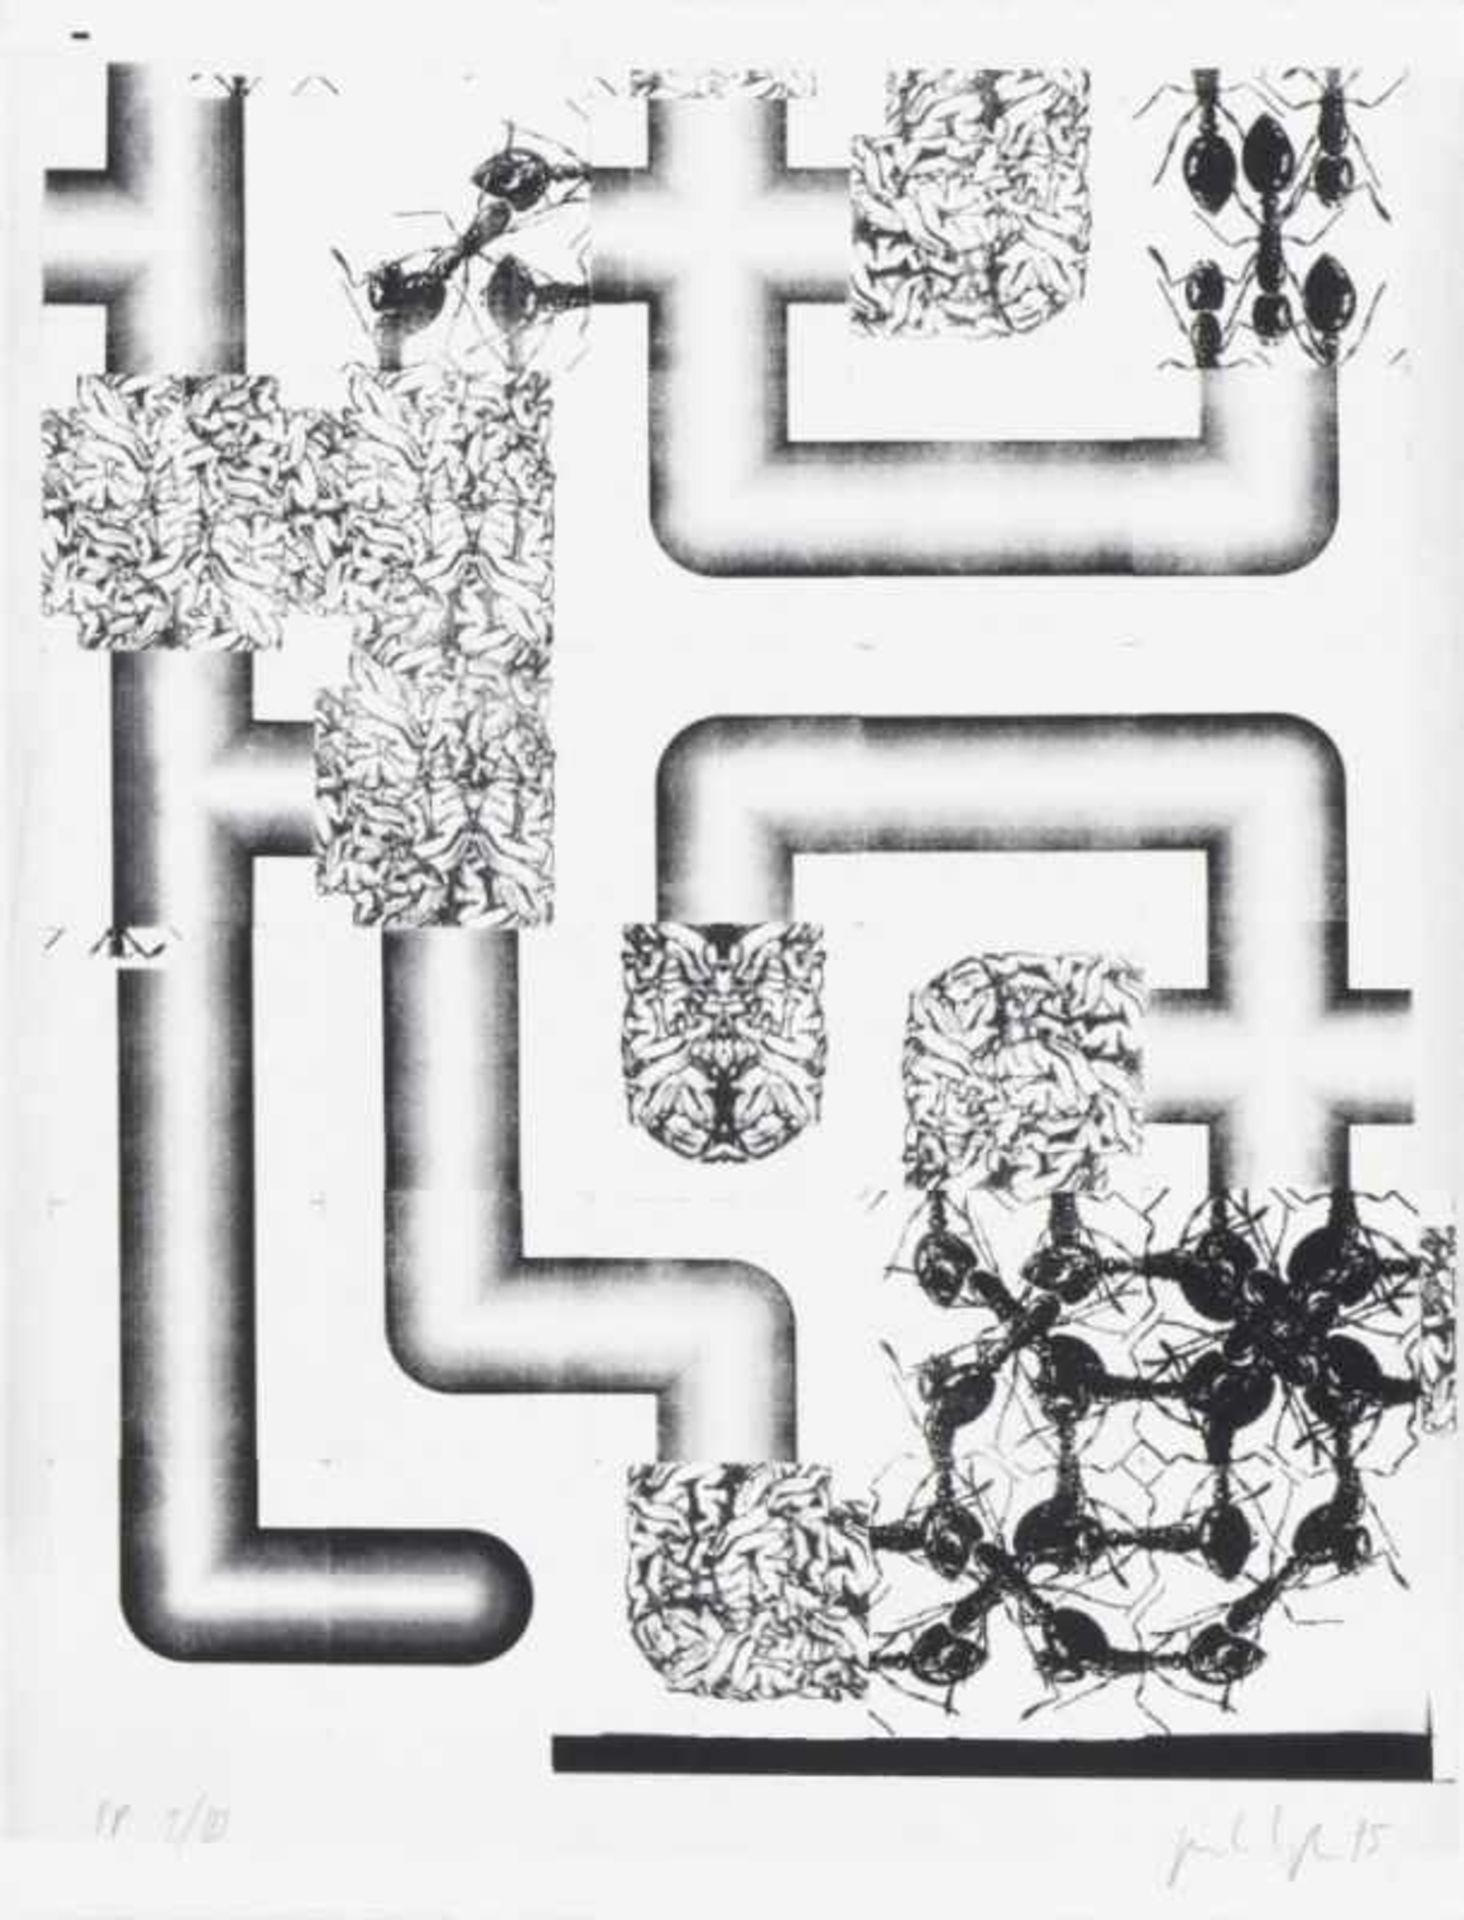 PETER KOGLER(1959 INNSBRUCK)PORTFOLIO (Ameisen), 1995Sieben zweifarbige Siebdrucke auf Arches - Bild 2 aus 8